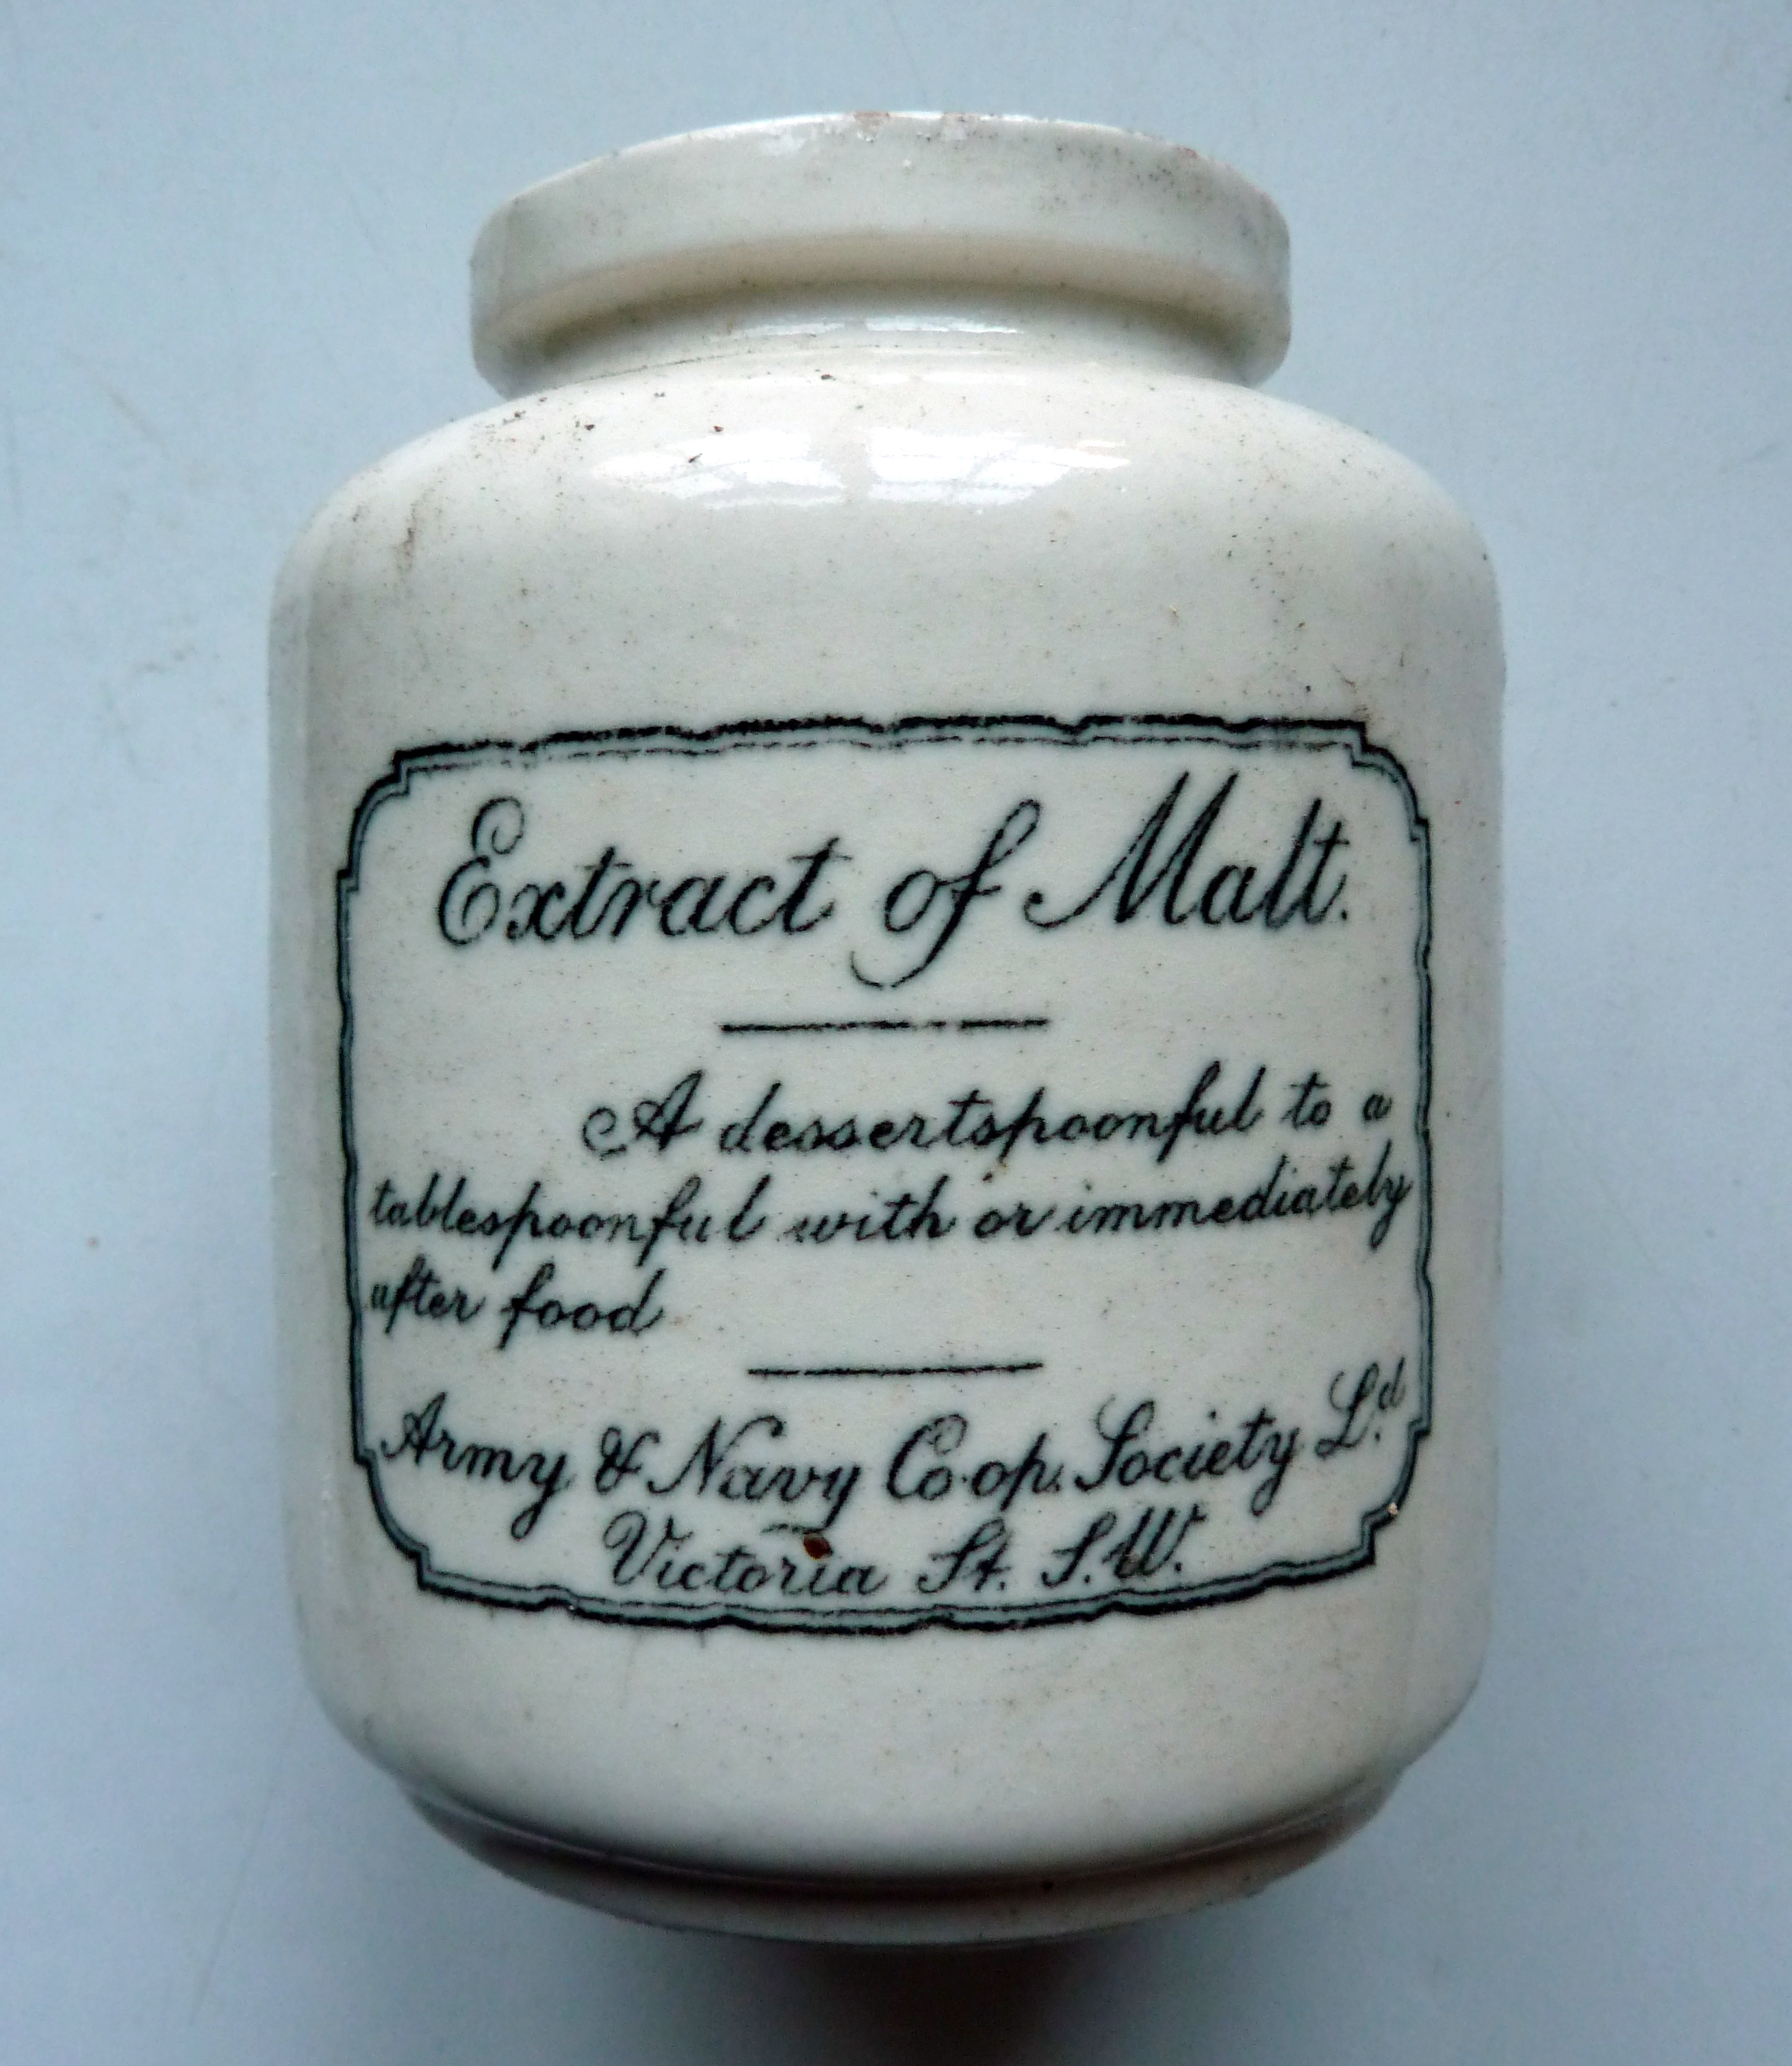 Extract of Malt